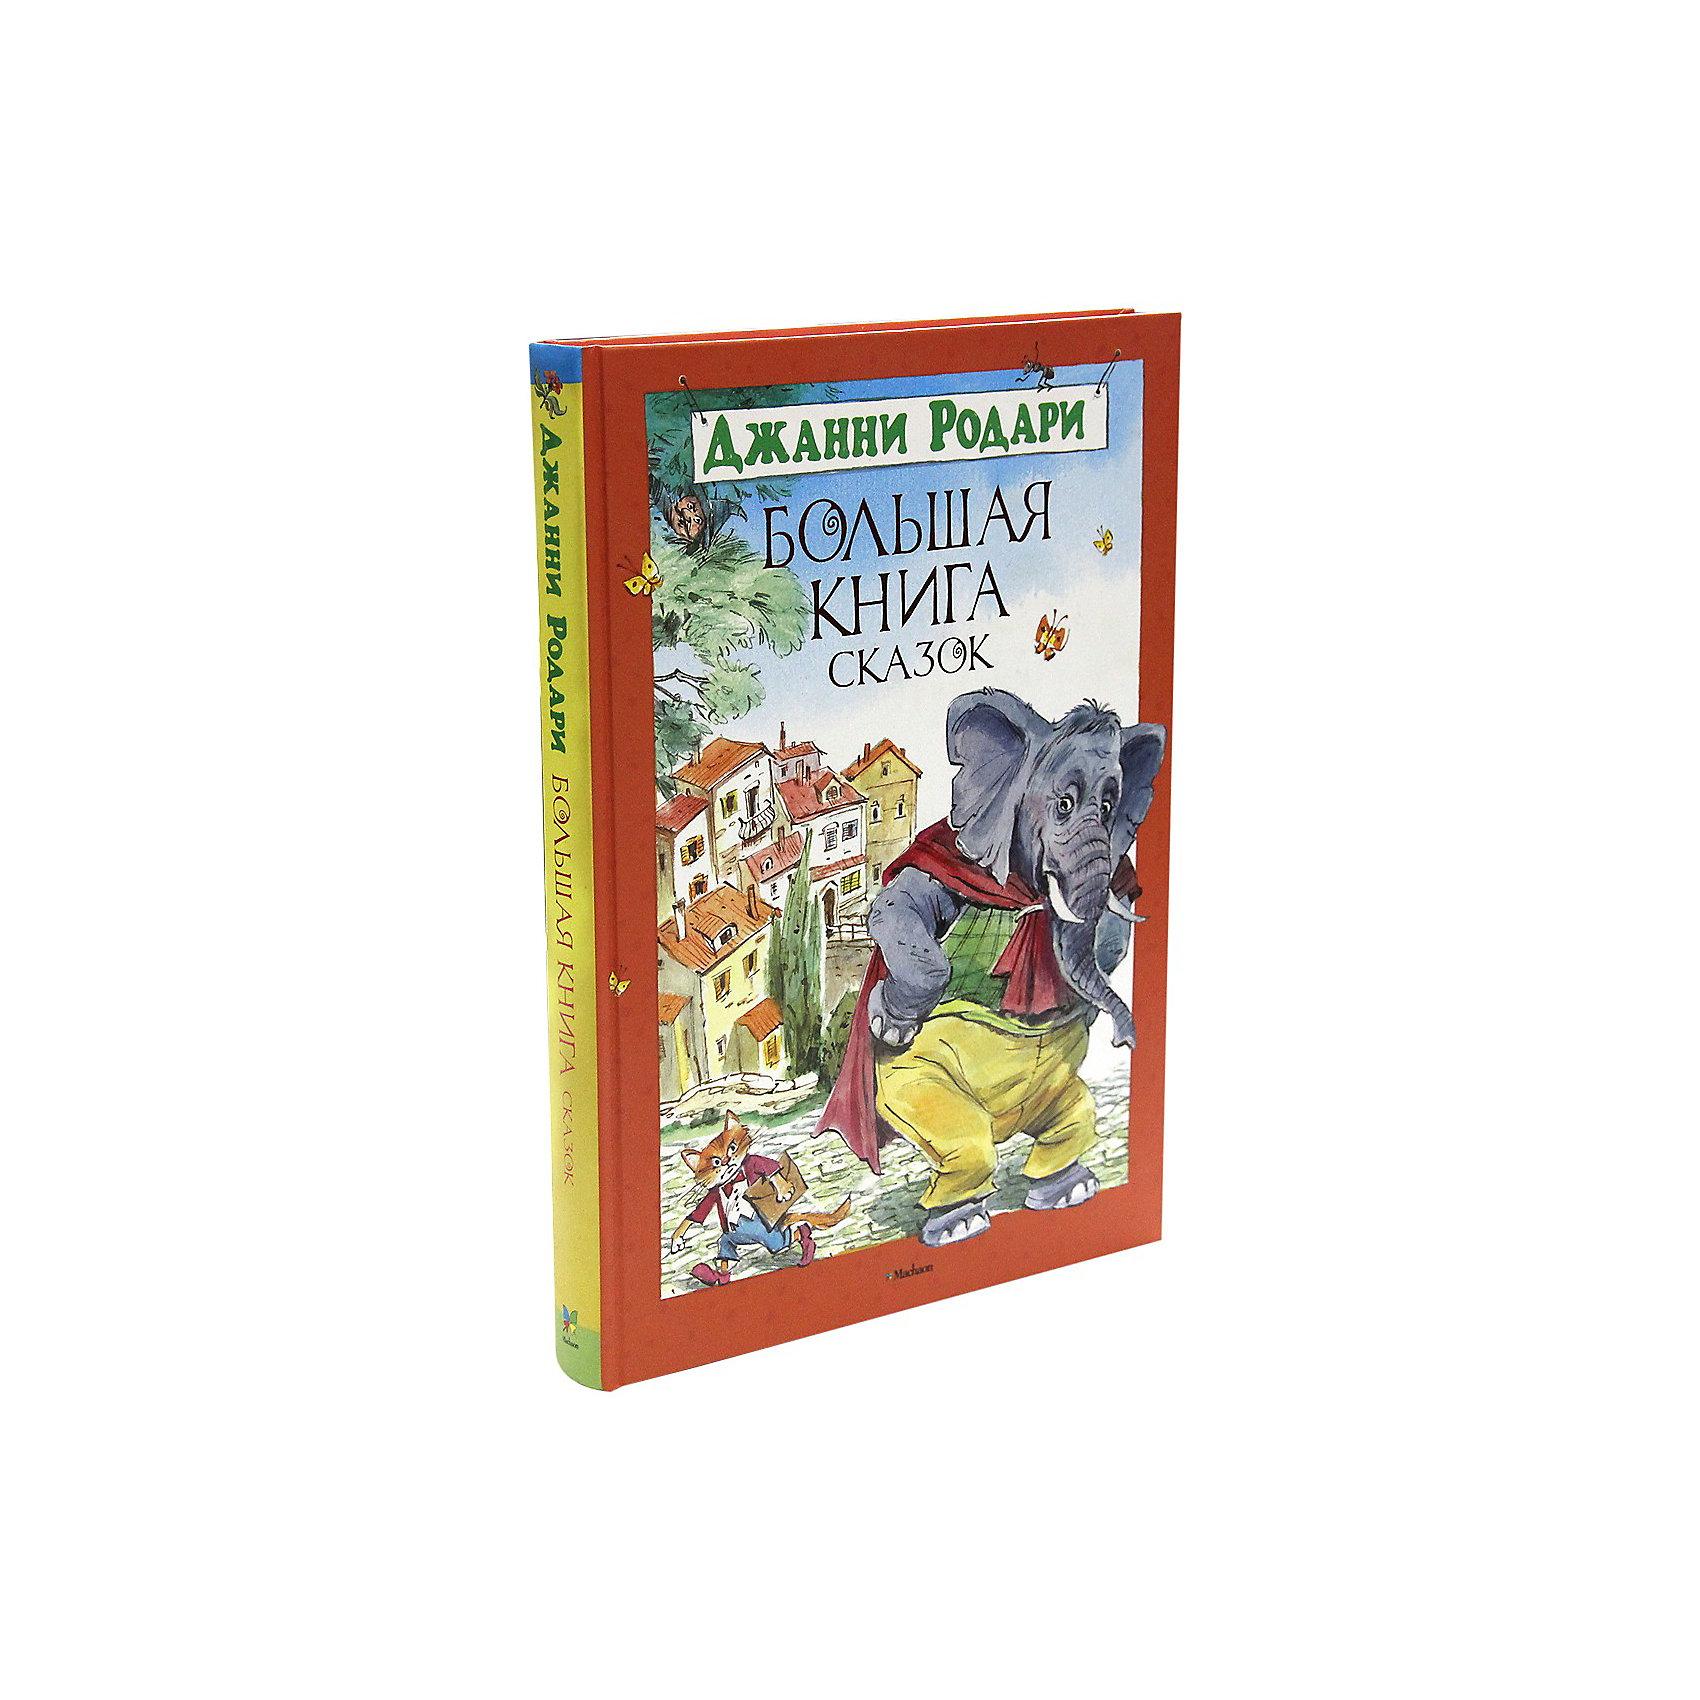 Большая книга сказок, Джанни РодариБольшая книга сказок. Родари, Азбука-Аттикус<br>Джанни Родари (1920–1980) — знаменитый во всём мире писатель, автор замечательных стихотворений, рассказов и сказок для детей. Его «Приключения Чиполлино», «Путешествие Голубой Стрелы», «Торт в небе», «Дворец из мороженого» и другие произведения переведены на многие языки. В 1970 году за вклад в детскую литературу Джанни Родари был награждён престижной международной премией имени Ханса Кристиана Андерсена. Книга, которую мы предлагаем вашему вниманию, поистине уникальное издание. Впервые под одной обложкой представлена наиболее полная коллекция великолепных сказок Джанни Родари, проиллюстрированных известным художником Вадимом Челаком.<br>Без сомнения, «Большая книга сказок» достойна занимать лучшее место в библиотеке ценителей творчества великого сказочника!<br><br>Дополнительная информация:<br><br>Серия: Большая книга   Автор: Родари Дж.<br>Формат: 210х285 мм .<br>Переплет: переплет.<br>Объем: 304 стр.<br>Подарит Вашему малышу незабываемую радость чтения и погружения в волшебный и сказочный мир!<br>Эту книгу Вы с легкостью можете заказать в нашем интернет-магазине!<br><br>Ширина мм: 285<br>Глубина мм: 210<br>Высота мм: 24<br>Вес г: 1067<br>Возраст от месяцев: 72<br>Возраст до месяцев: 132<br>Пол: Унисекс<br>Возраст: Детский<br>SKU: 3344295